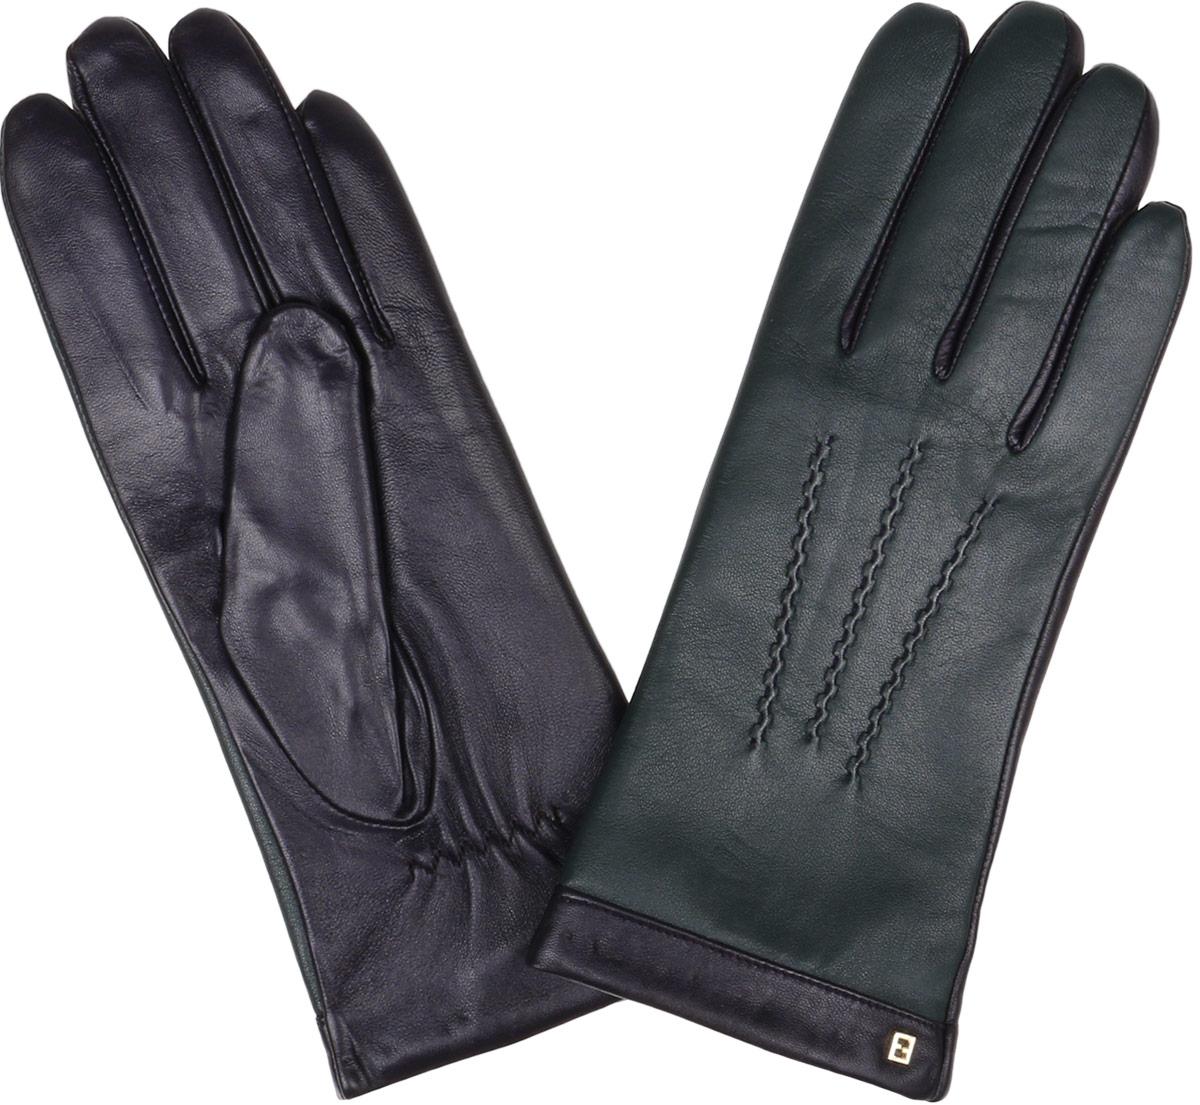 Перчатки женские Fabretti, цвет: зеленый, черный. S1.6-15. Размер 6,5S1.6-15 greenЖенские перчатки Fabretti Touch Screen не только защитят ваши руки от холода, но и станут незаменимым аксессуаром. Модель изготовлена из натуральной кожи на подкладке из шерсти с добавлением кашемира. Современные технологии обработки кожи позволяют работать с любыми сенсорными дисплеями, не снимая перчатки, что особенно важно в климатических условиях России. Конкурентным преимуществом данной технологии, является отсутствие текстильных вставок на пальцах, которые портят внешний вид перчаток и нарушают целостность кожи. Лицевая сторона изделия украшена фигурной прострочкой. Модель дополнена небольшим декоративным элементом с логотипом бренда. Запястье оснащено небольшой резинкой, фиксирующей модель на руке. Перчатки Fabrettiстанут завершающим и подчеркивающим элементом вашего стиля.